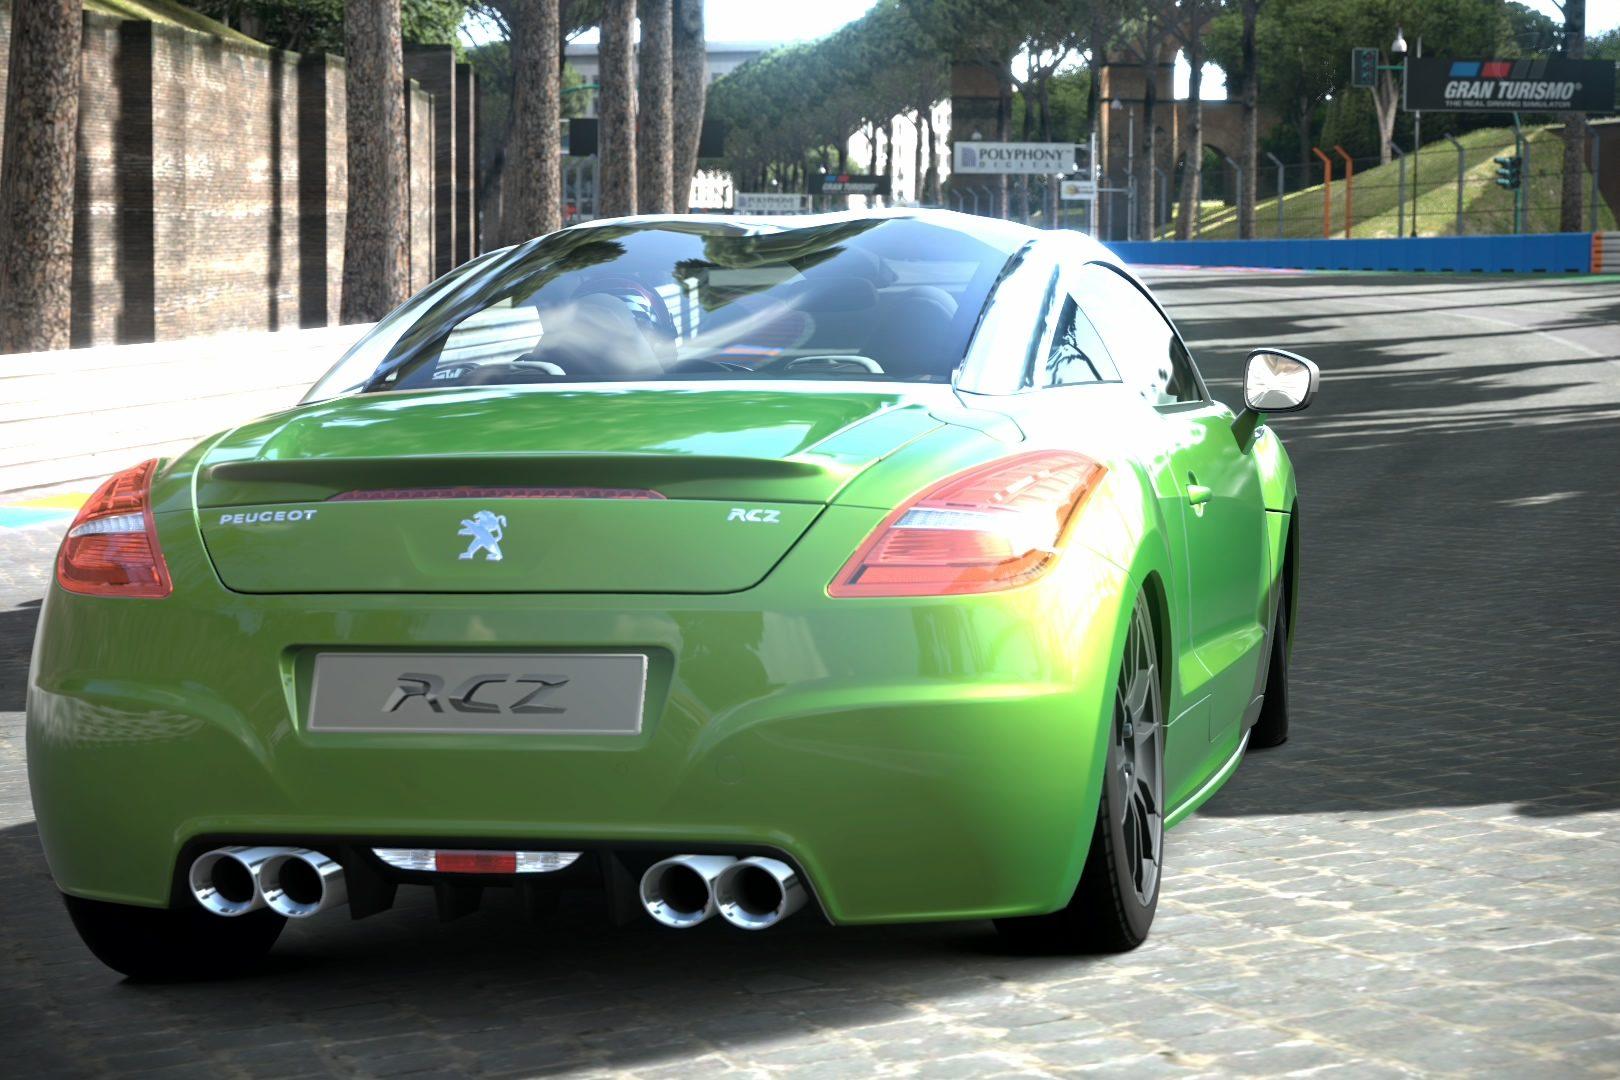 Peugeot RCZimg2.jpg